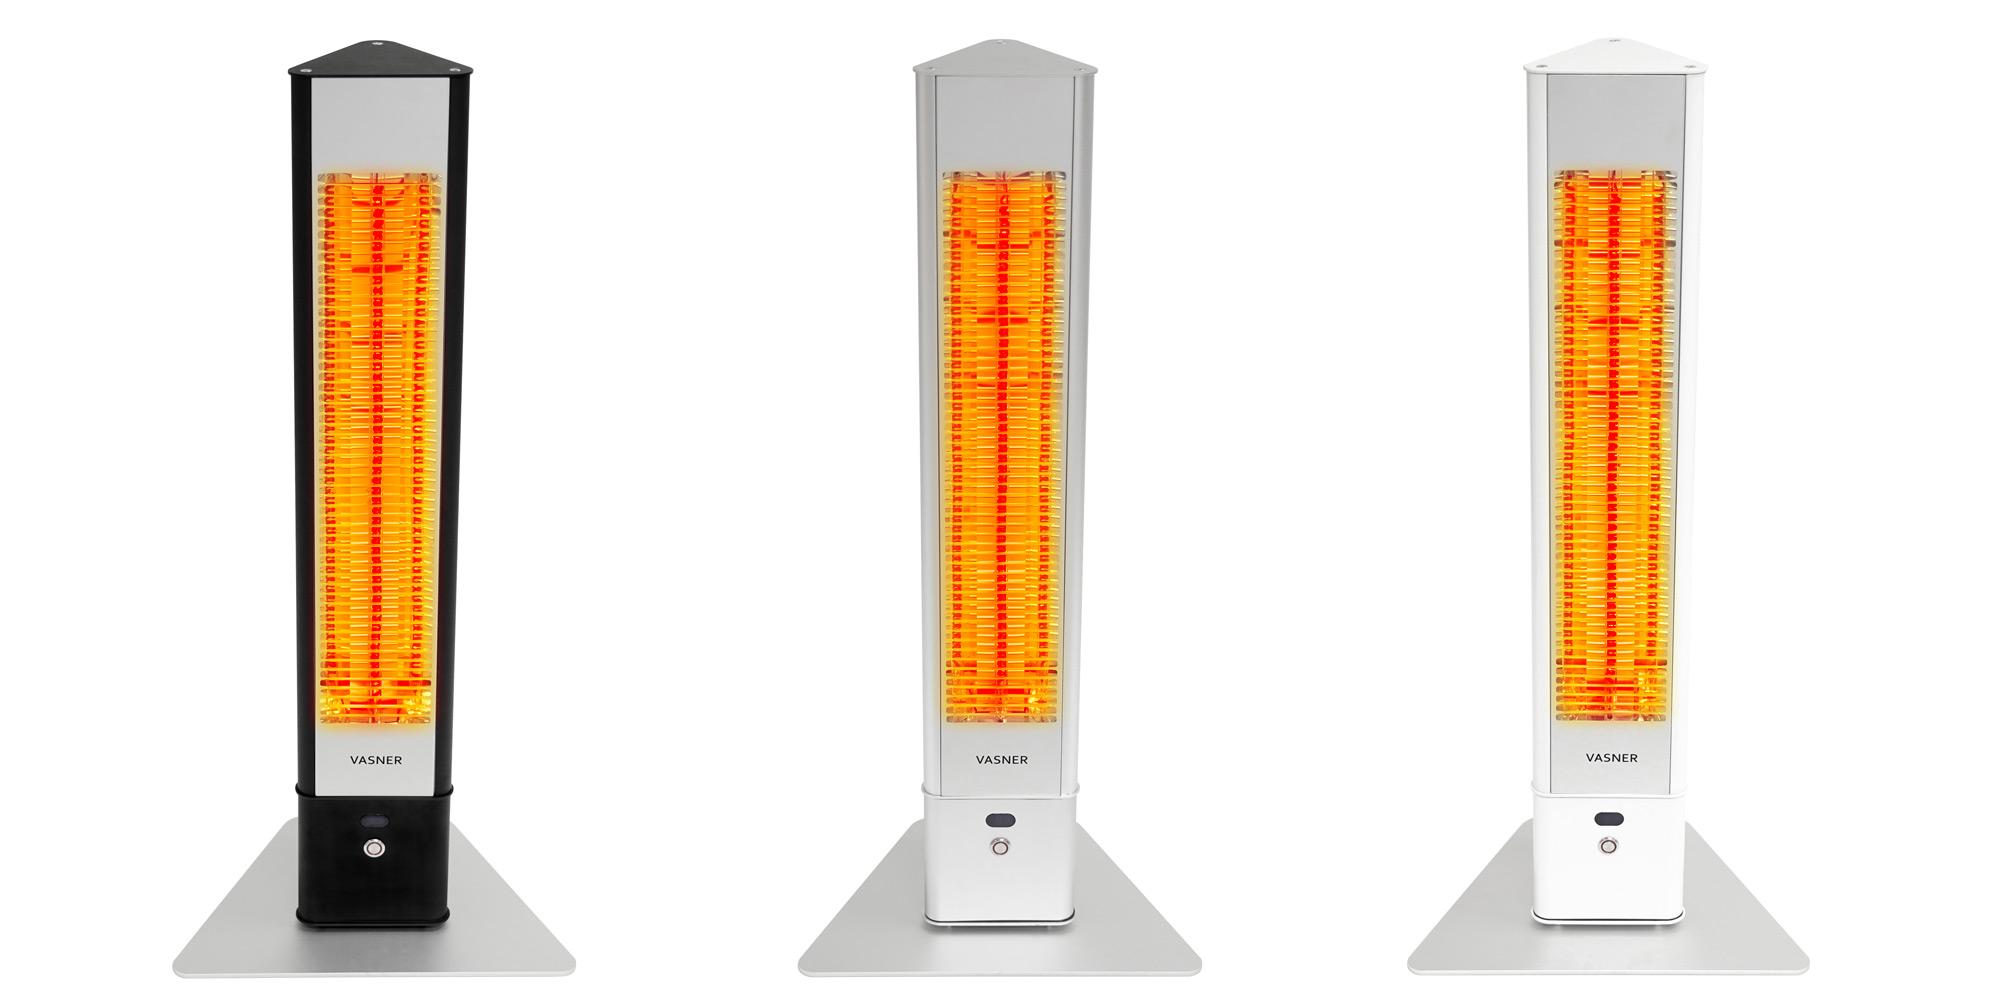 Standheizstrahler-Infrarot-elektrisch-Terrasse-VASNER-HeatTower-schwarz-weiss-silber